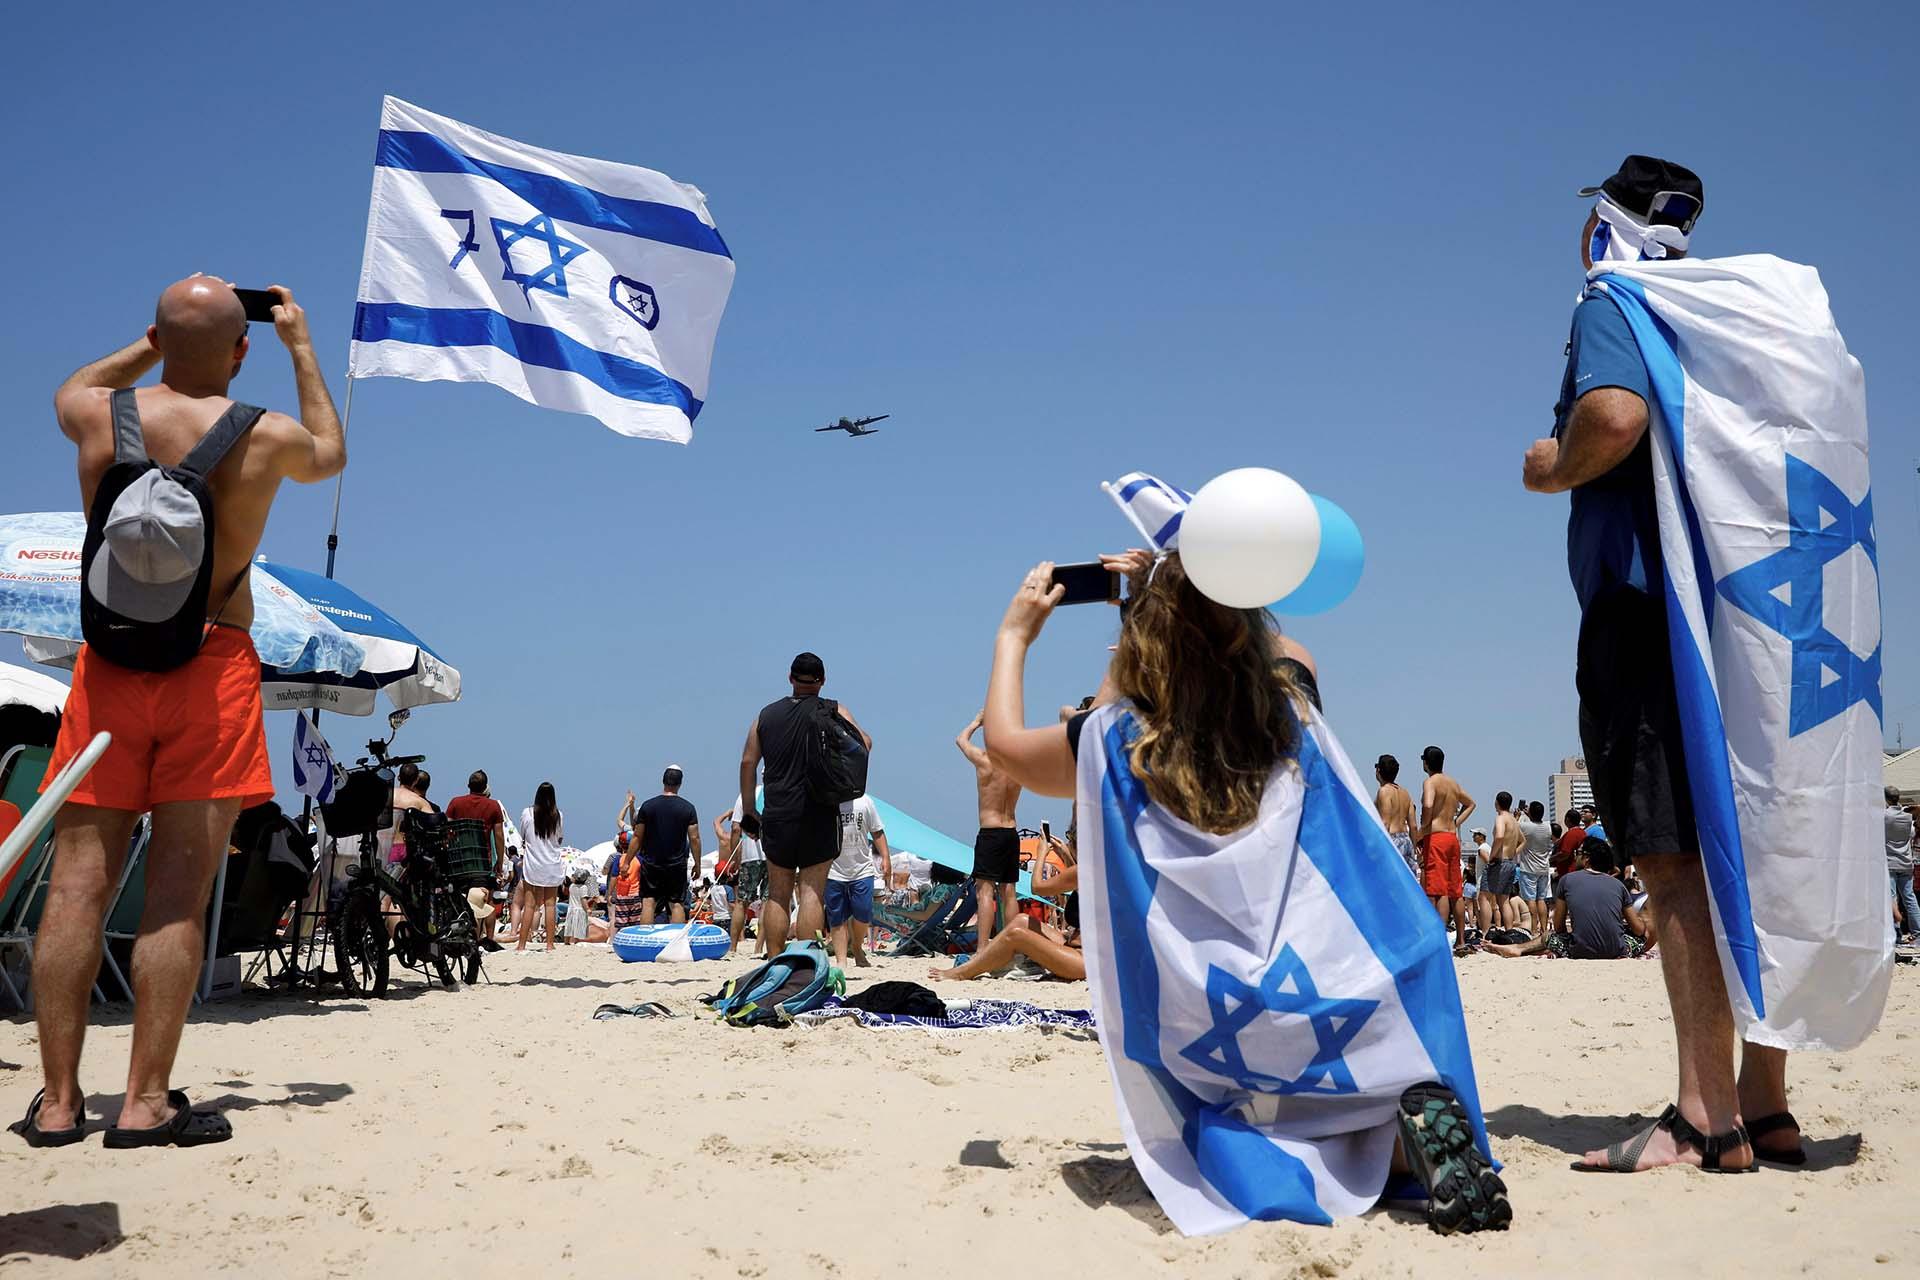 Decenas de personas disfrutaron del espectáculo aéreo en las playas de Tel Aviv(REUTERS/Amir Cohen)